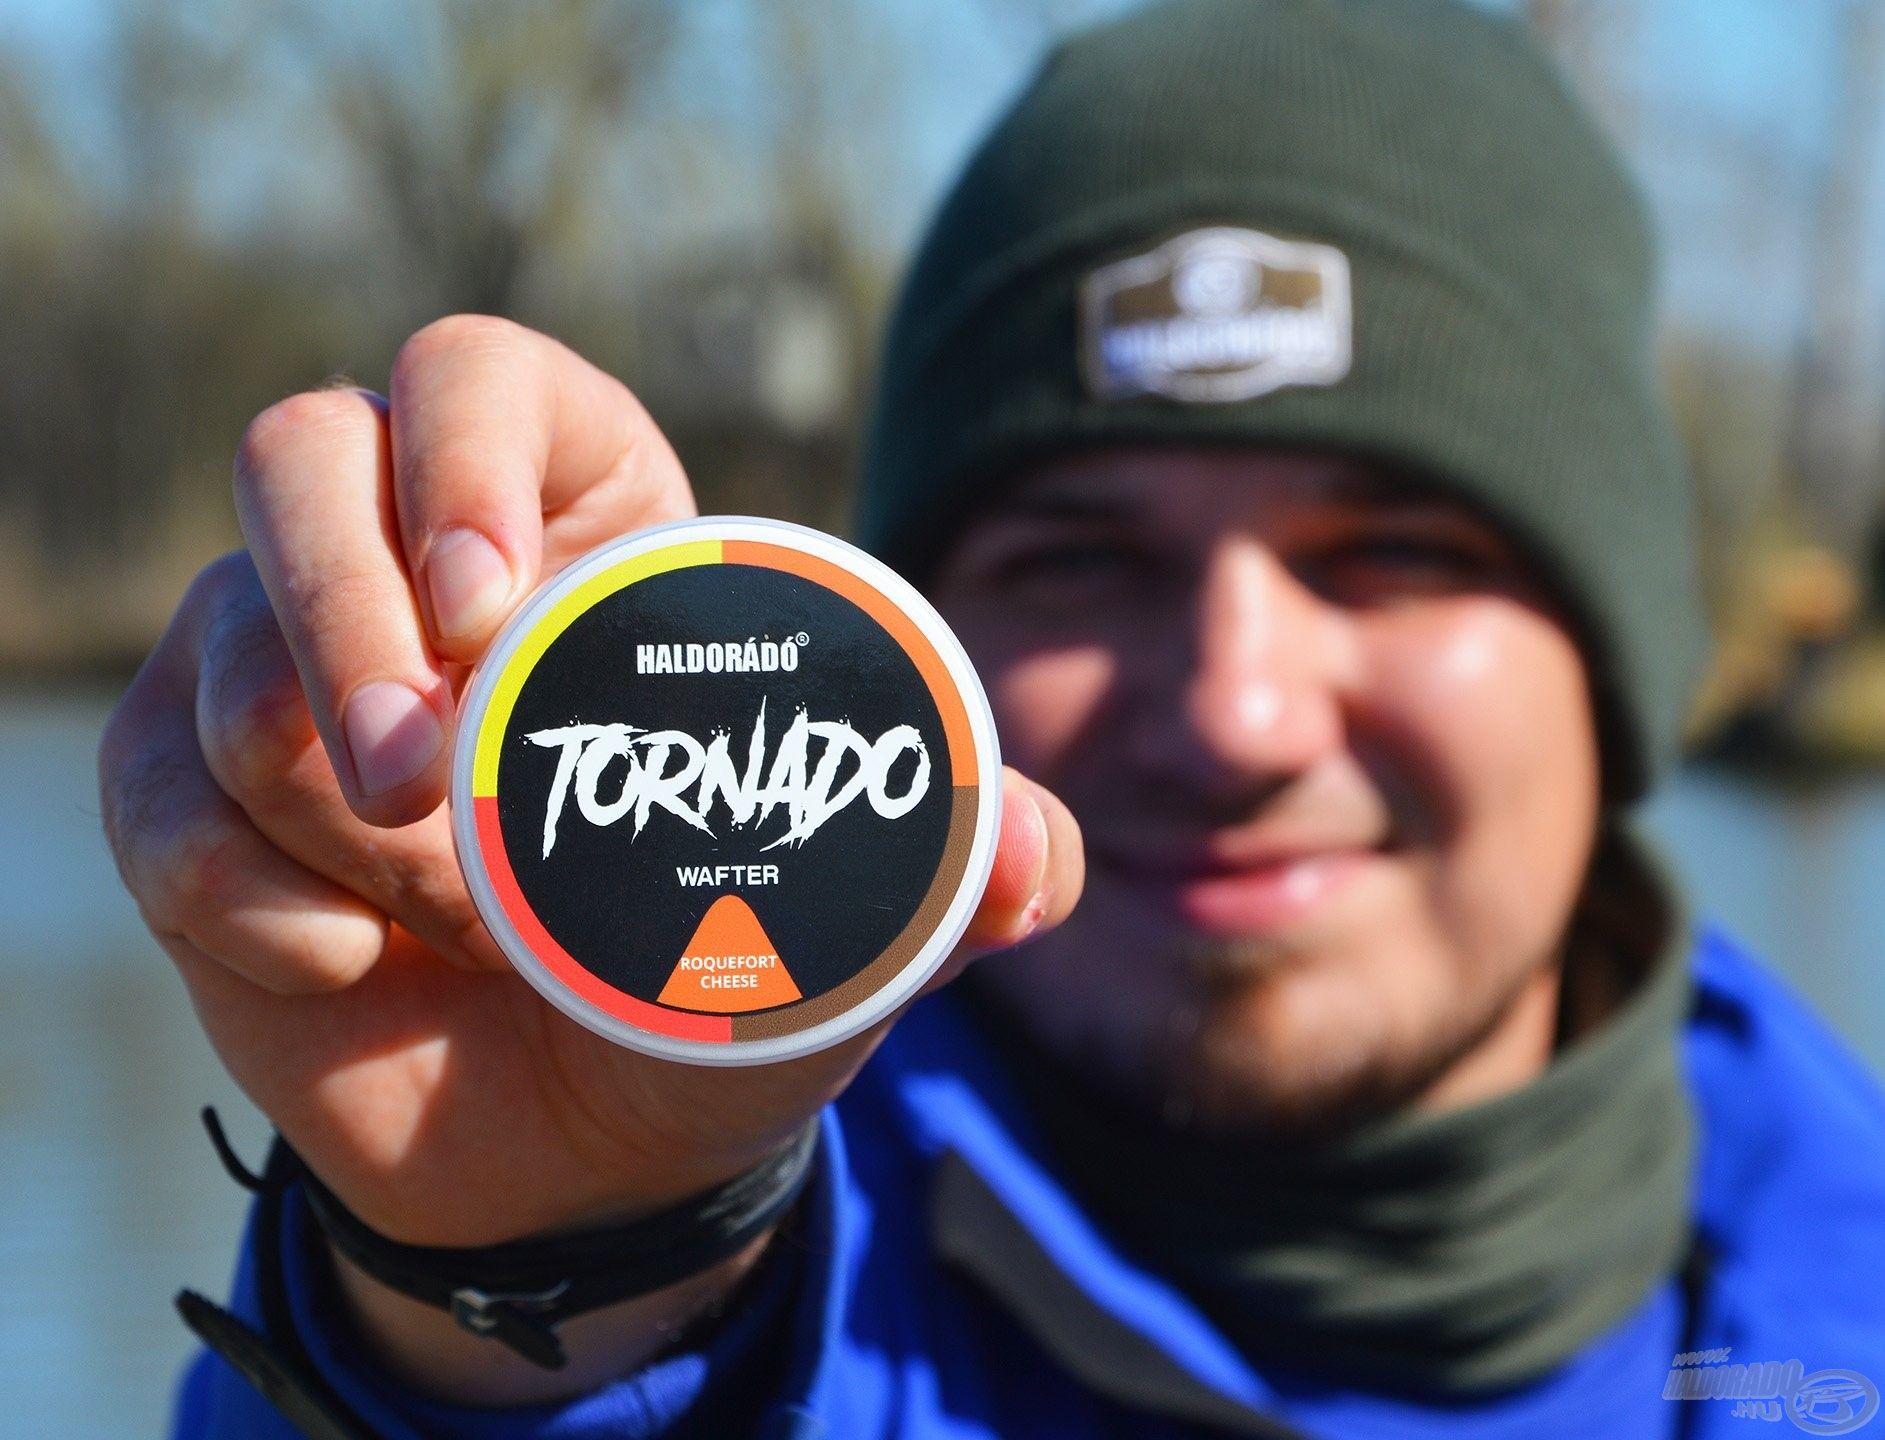 A Tornado Wafter Rokfort Sajt csali újdonságunk kifejezetten ajánlott a gyakran horgászott, telepített vizekre, mert a szokásos, sablonos ízek mellett egy nagyon különleges alternatívát kínál mind a horgászoknak, mind pedig a halaknak